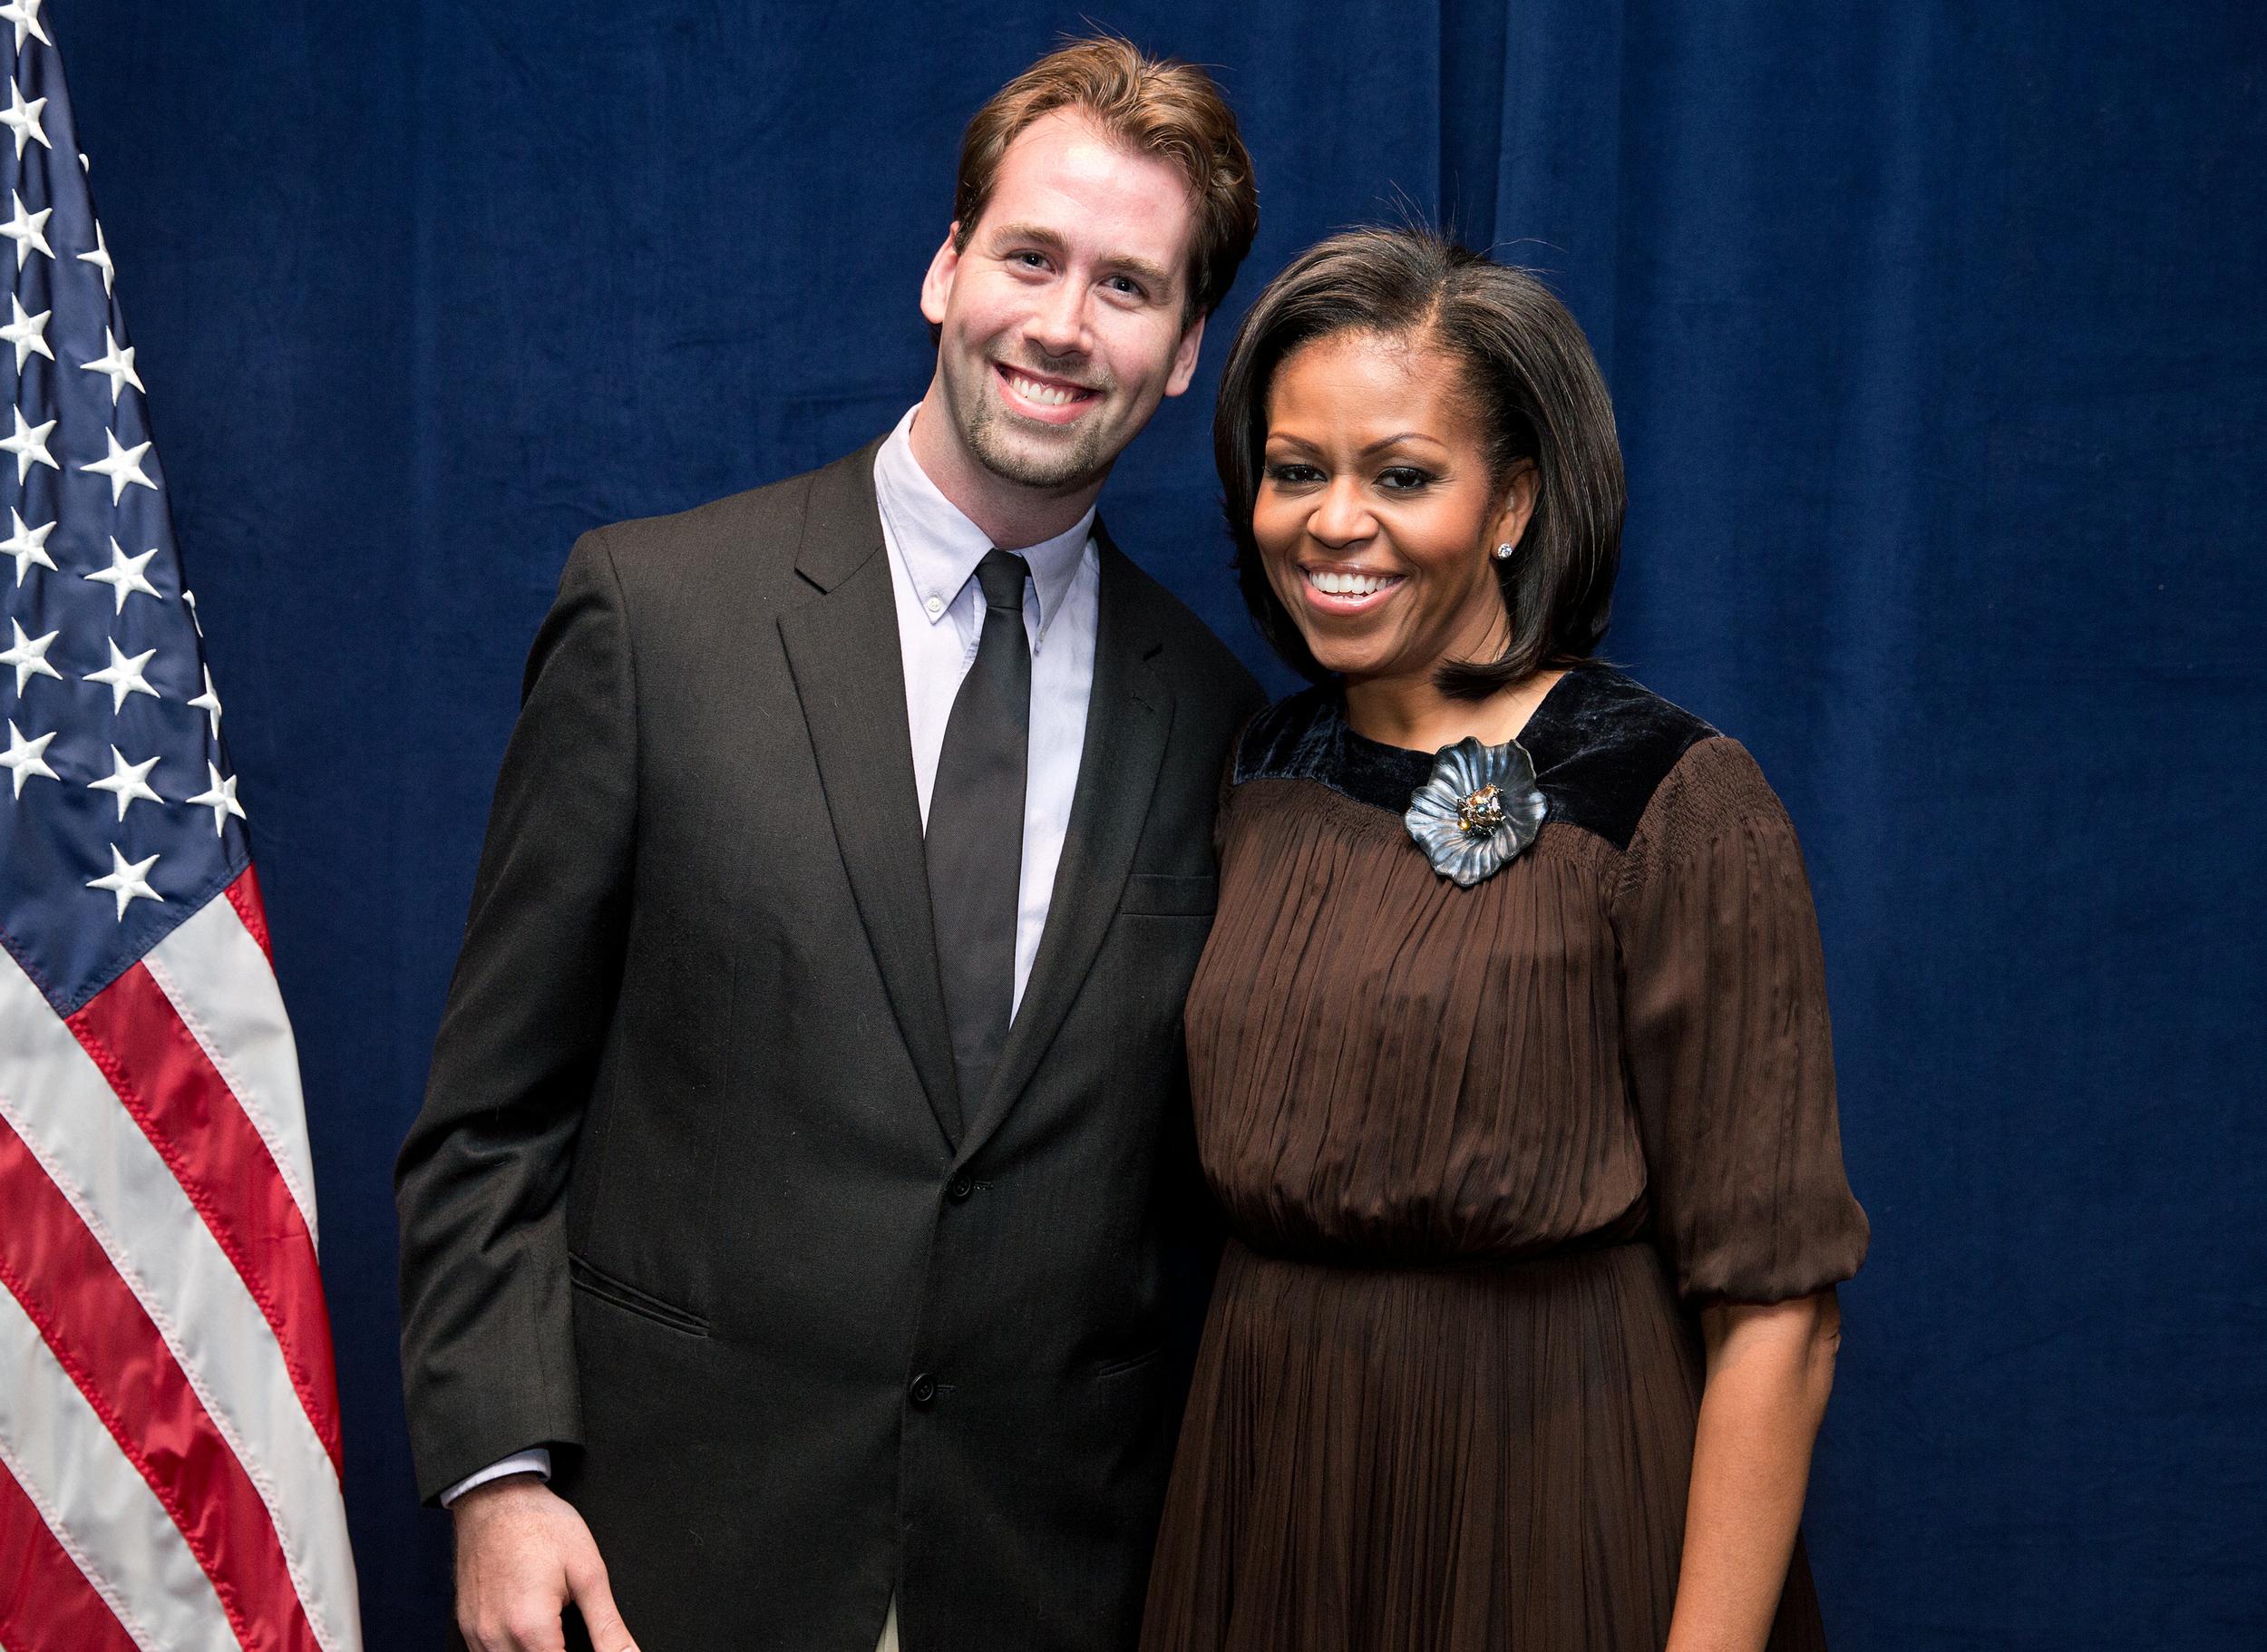 Jesse McQuarters and Michelle Obama